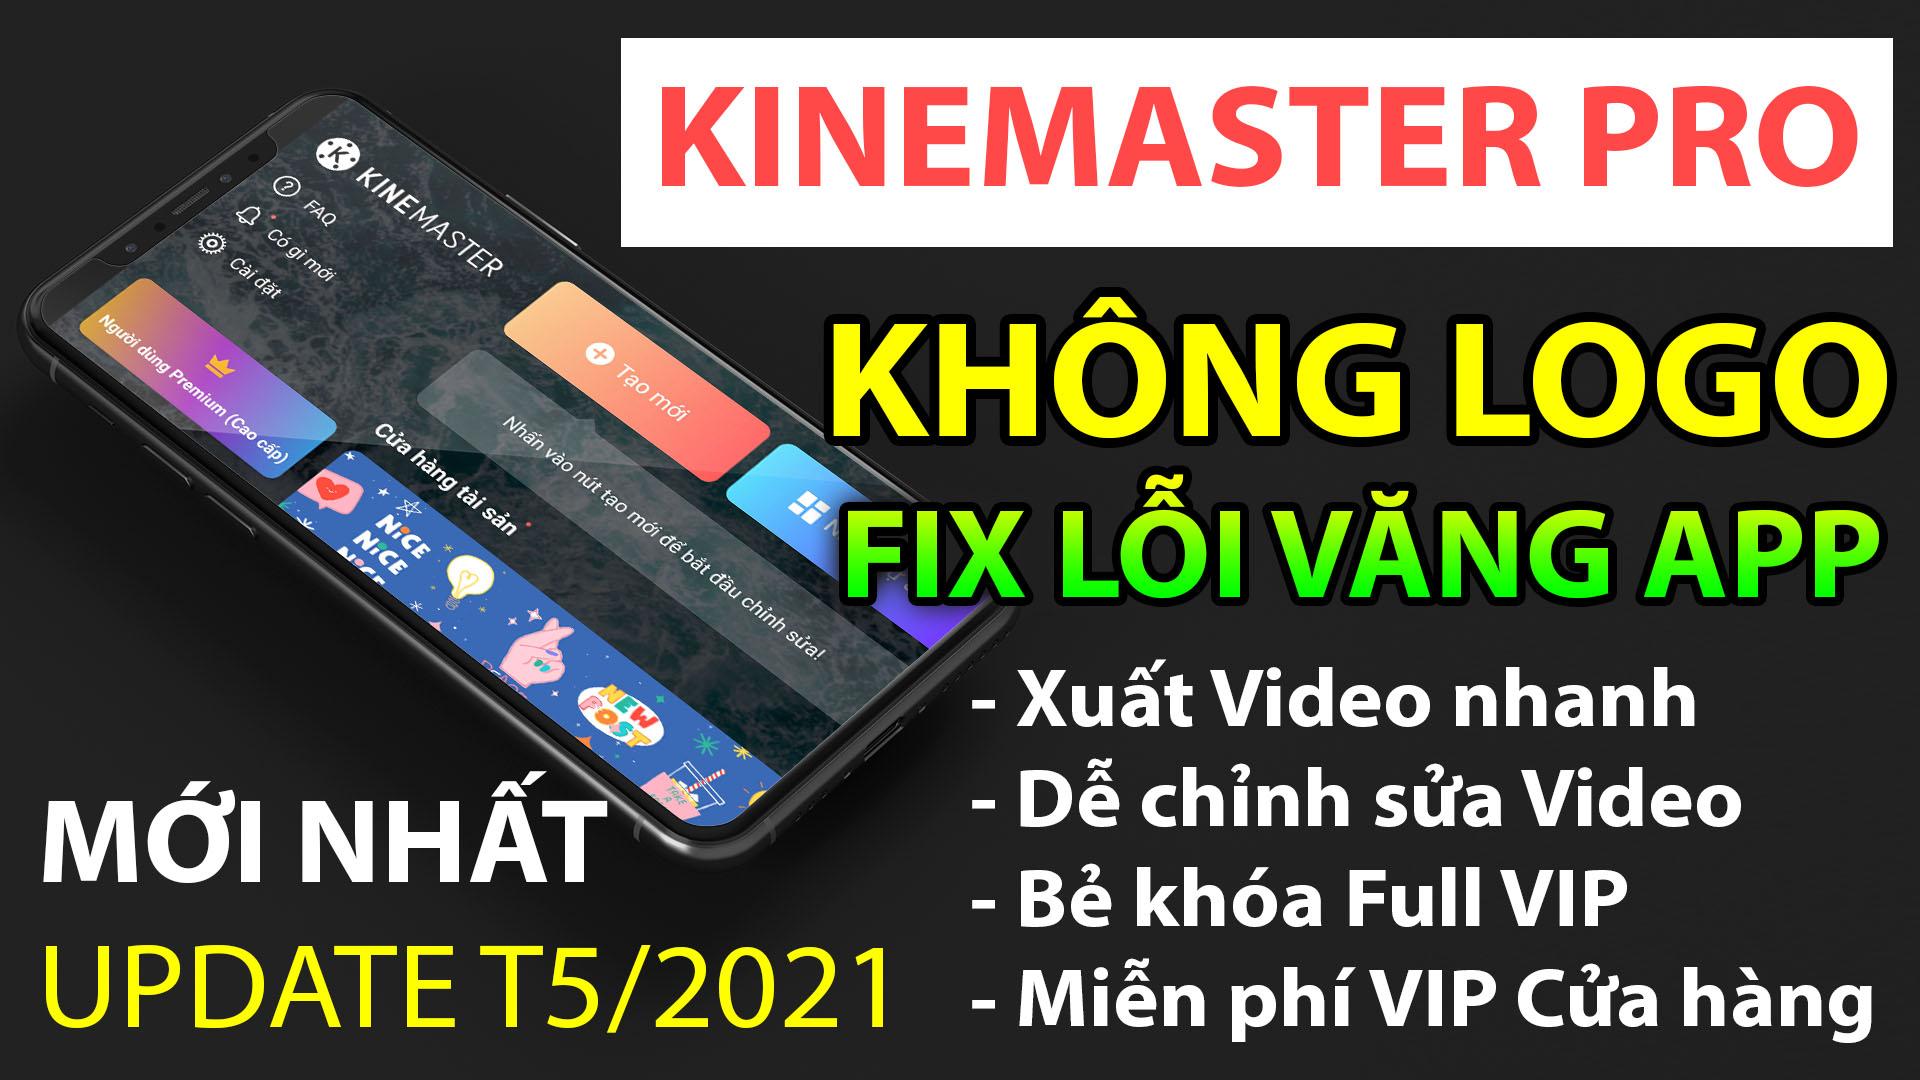 Cách tải KineMaster Pro T5-2021 Xóa Logo, Full Tính Năng mới nhất cho điện thoại